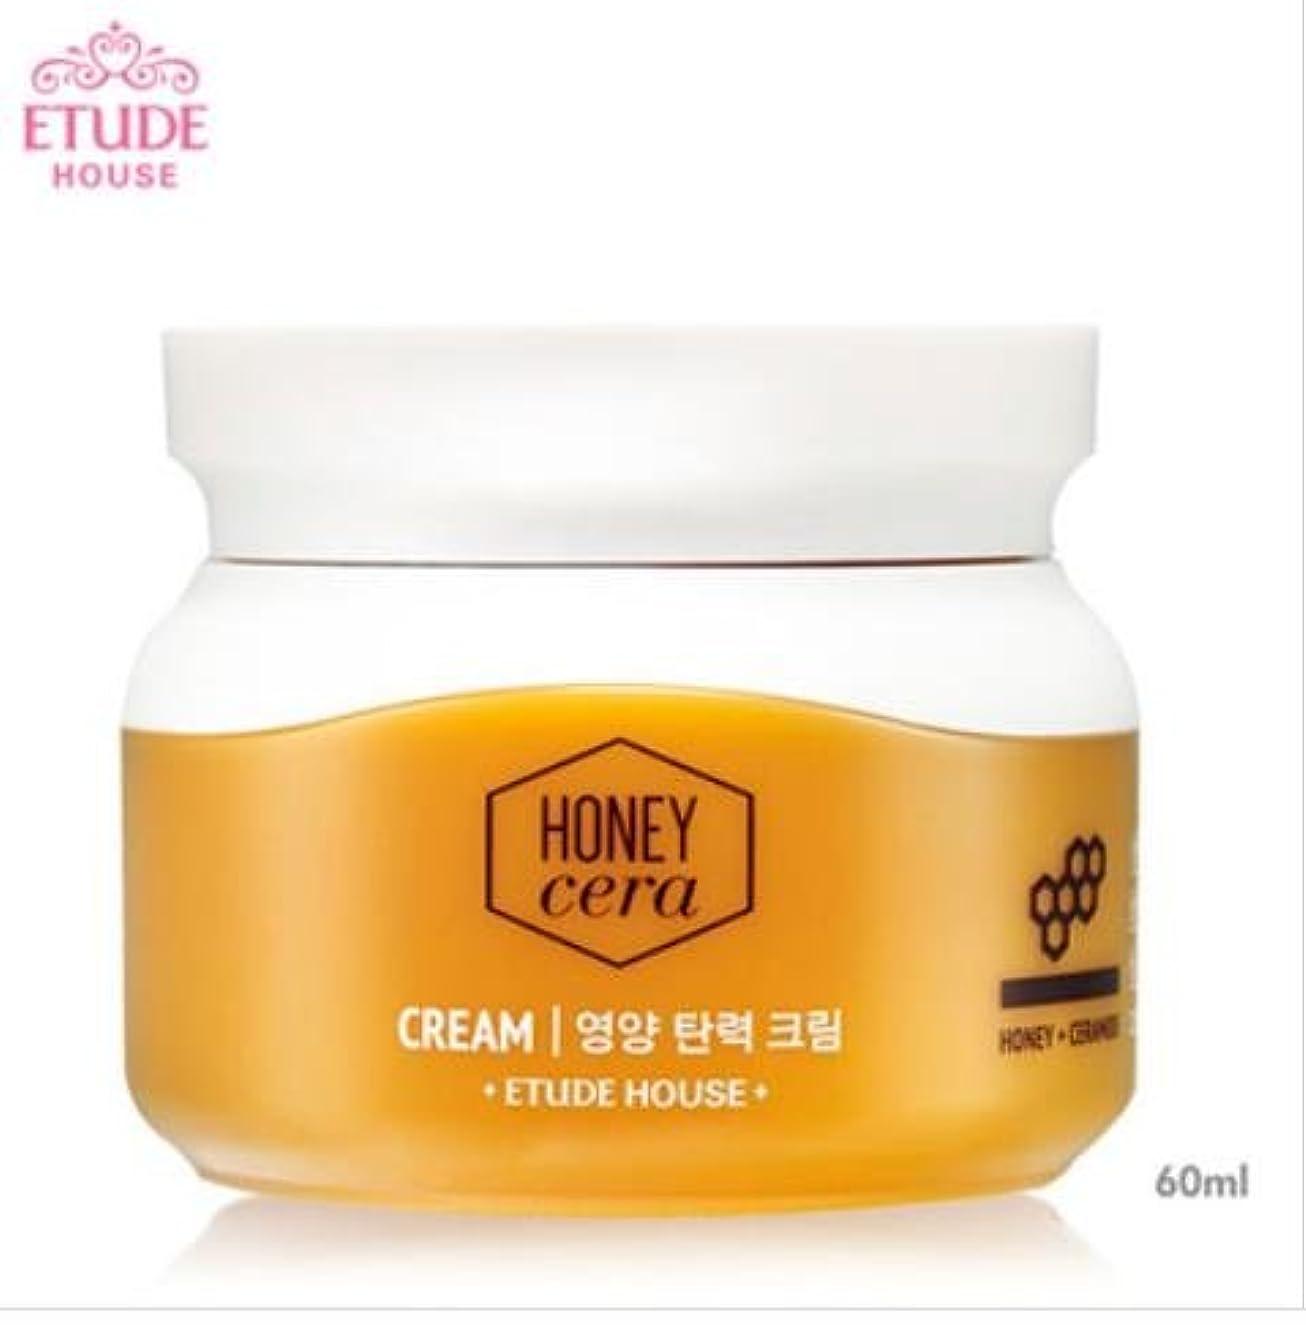 等々聖人スカイ[エチュードハウス] ETUDE HOUSE [ハニーセラ 栄養弾力 クリーム 60ml](Honey Sarah nutrition elastic Cream 60ml) [並行輸入品]